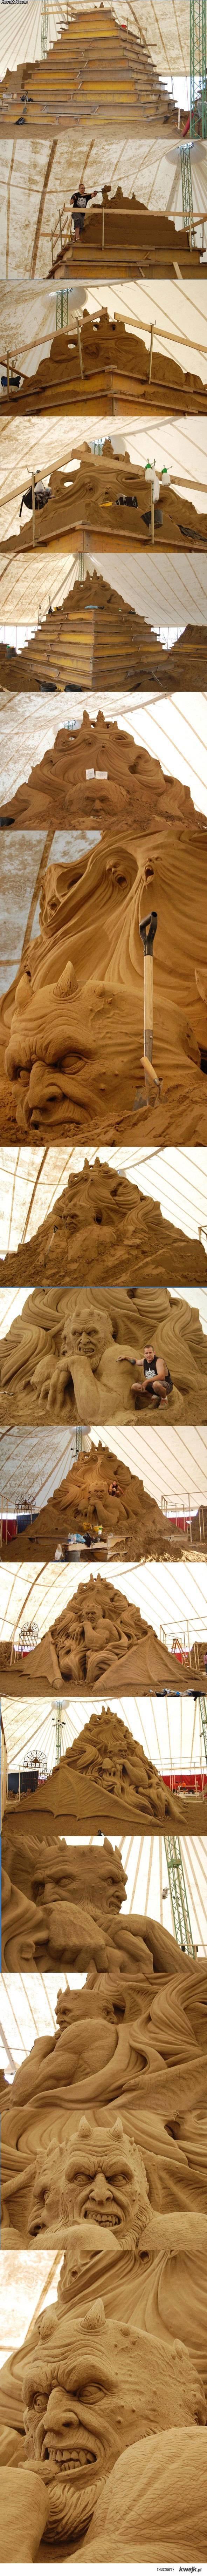 piaskowa rzeźba xxl